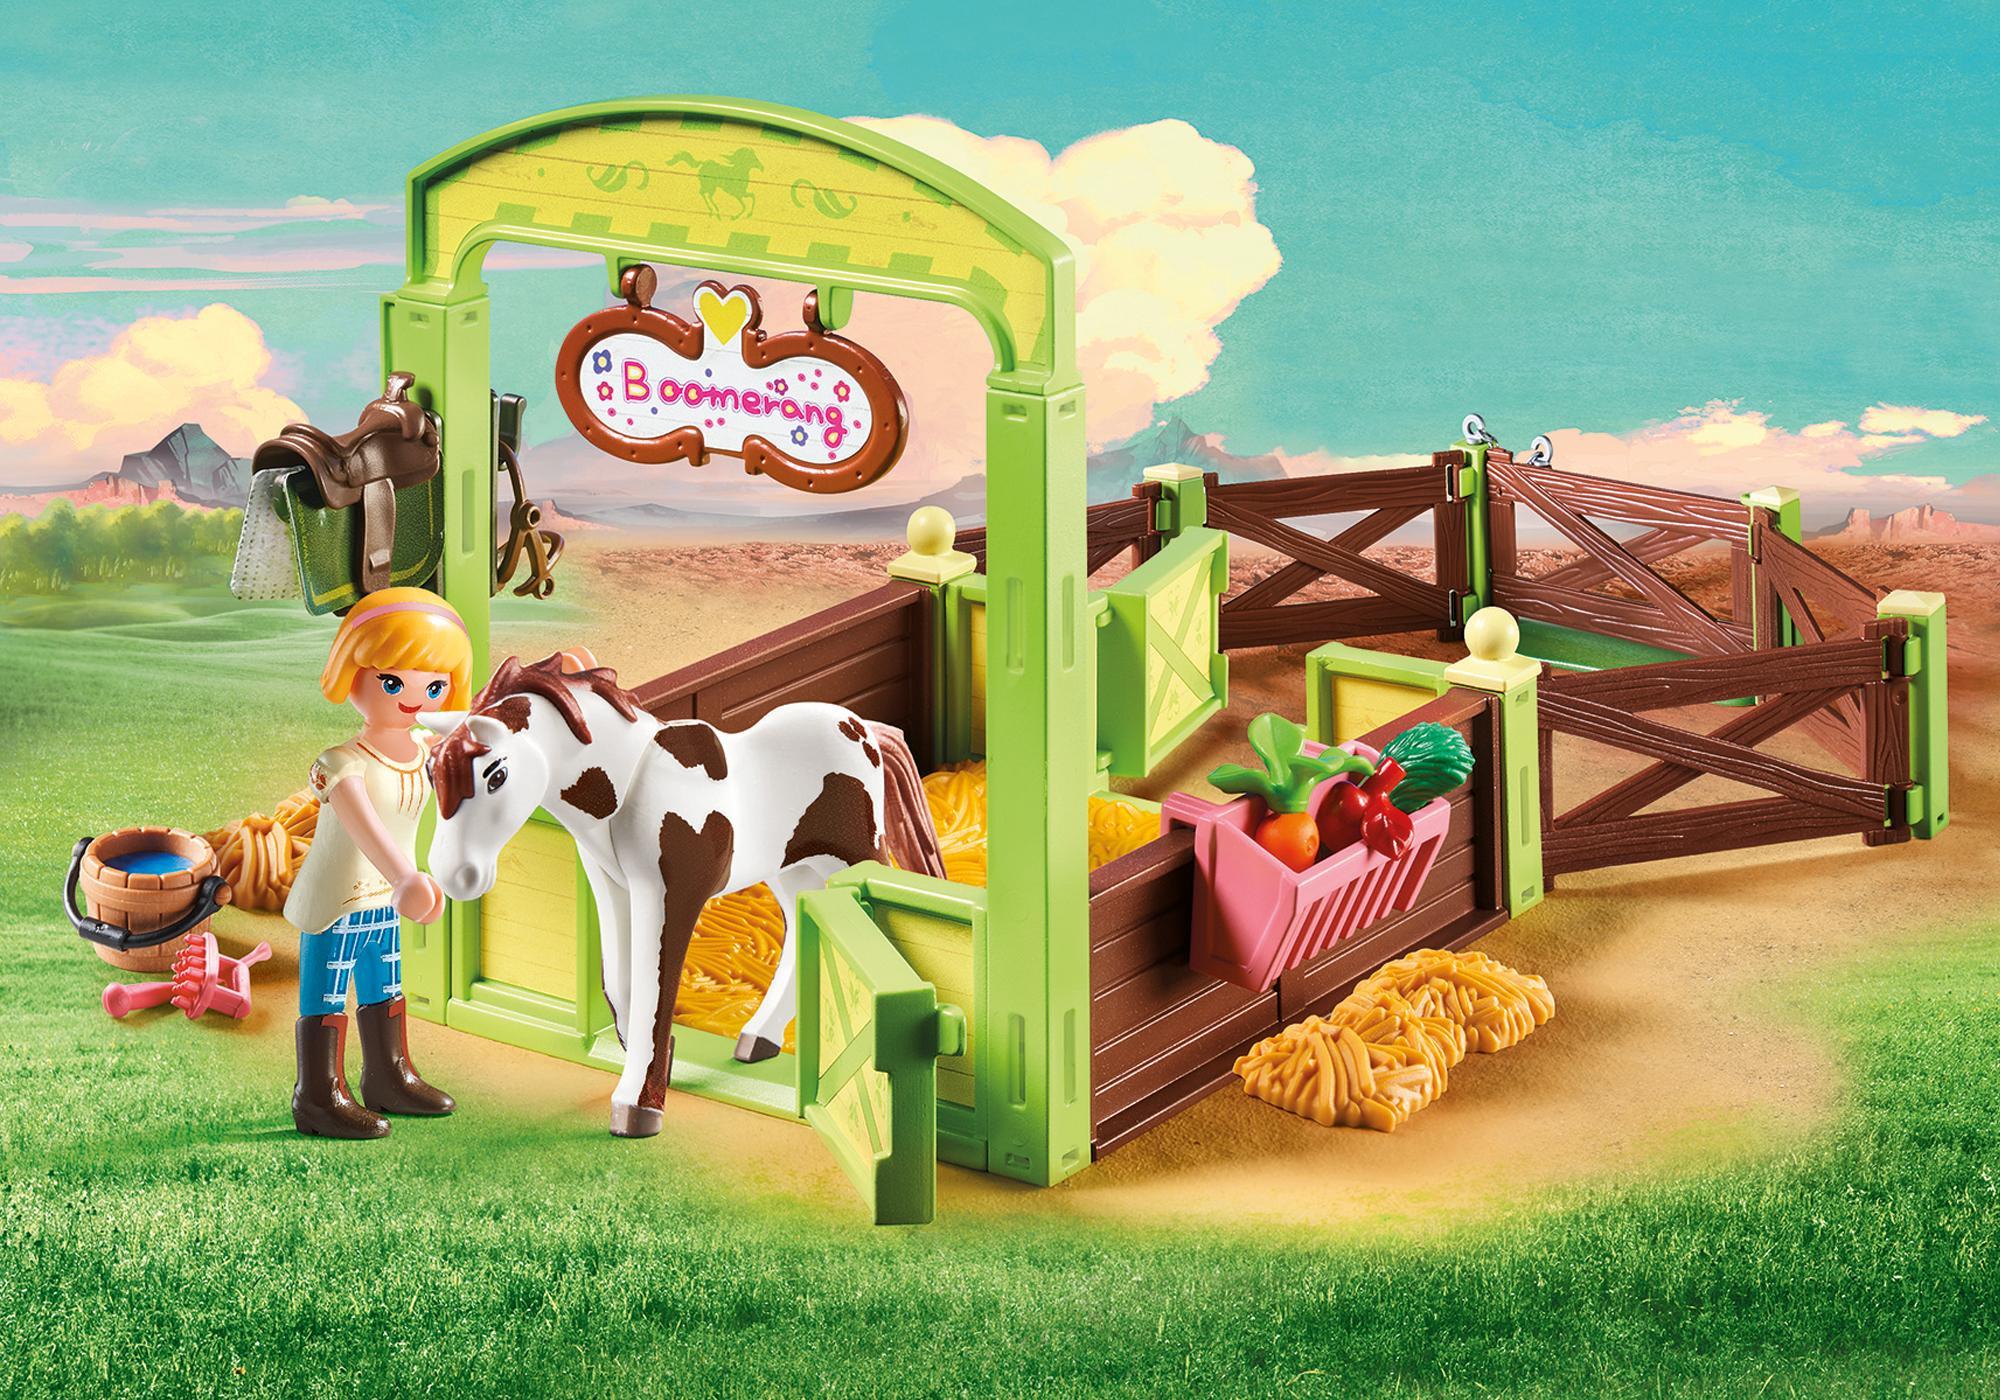 http://media.playmobil.com/i/playmobil/9480_product_detail/Abigaëlle et Boomerang avec box